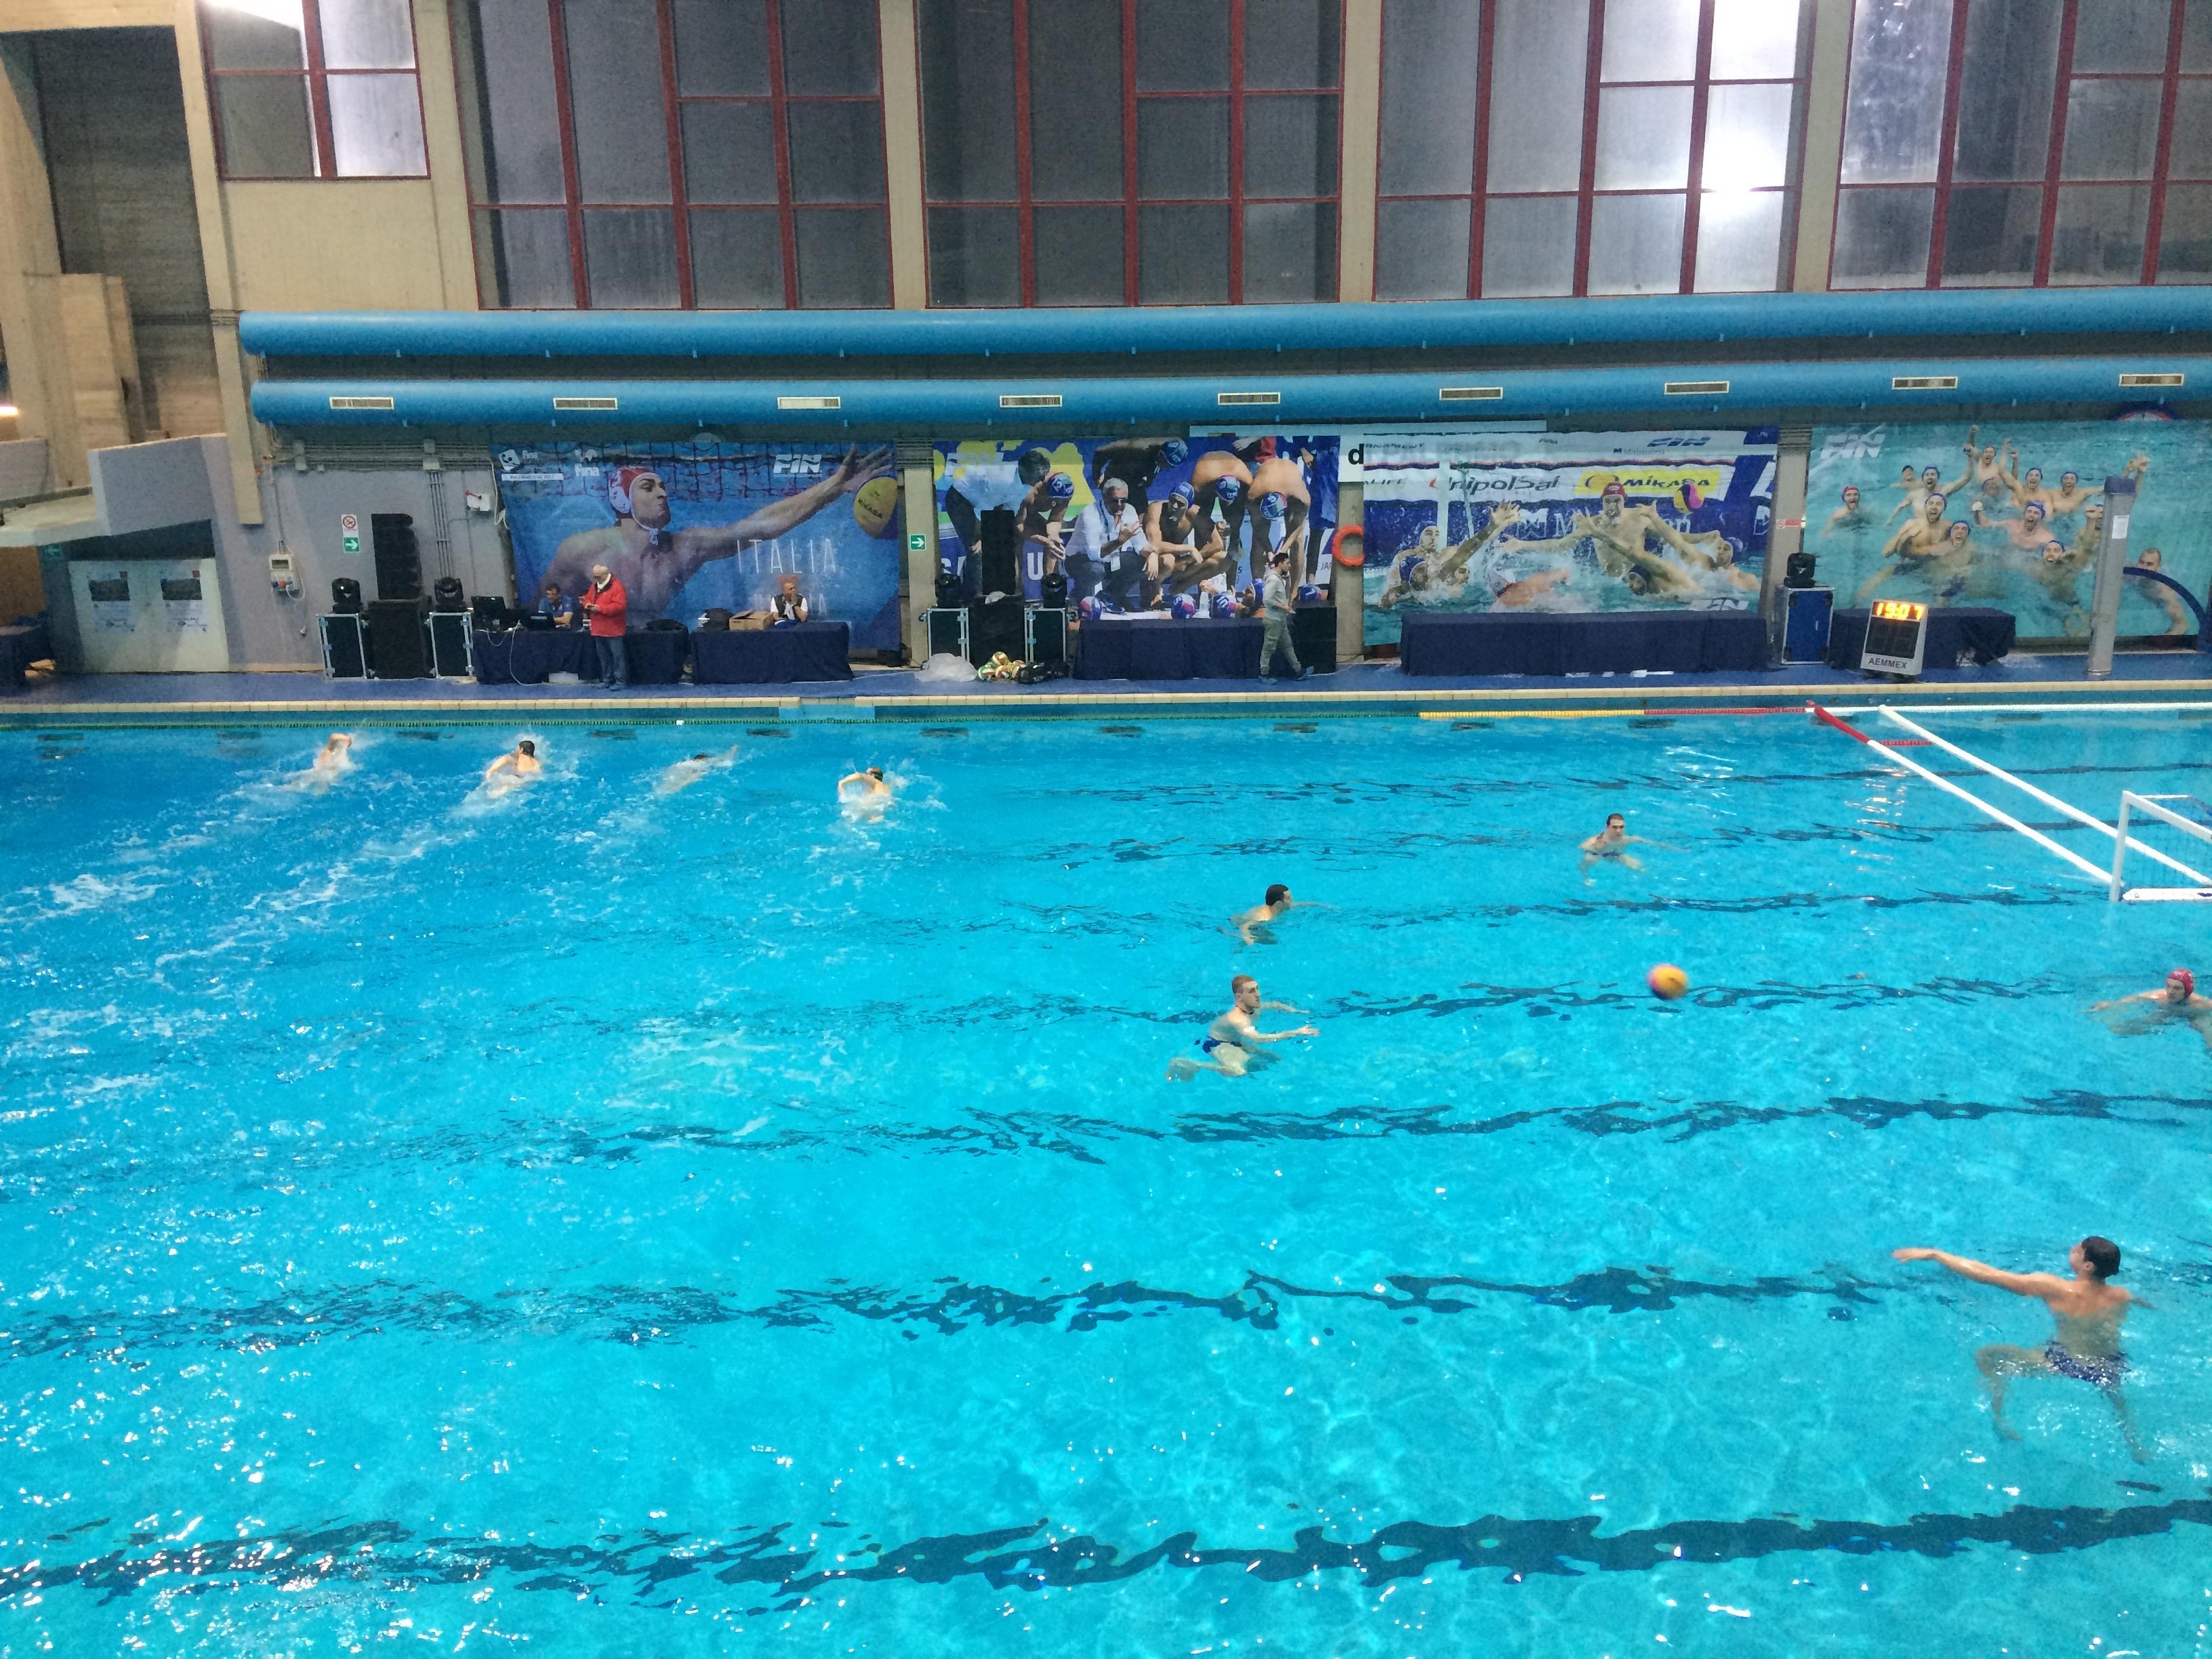 Marzo mese del nuoto alla piscina comunale di palermo - Nuoto in piscina ...